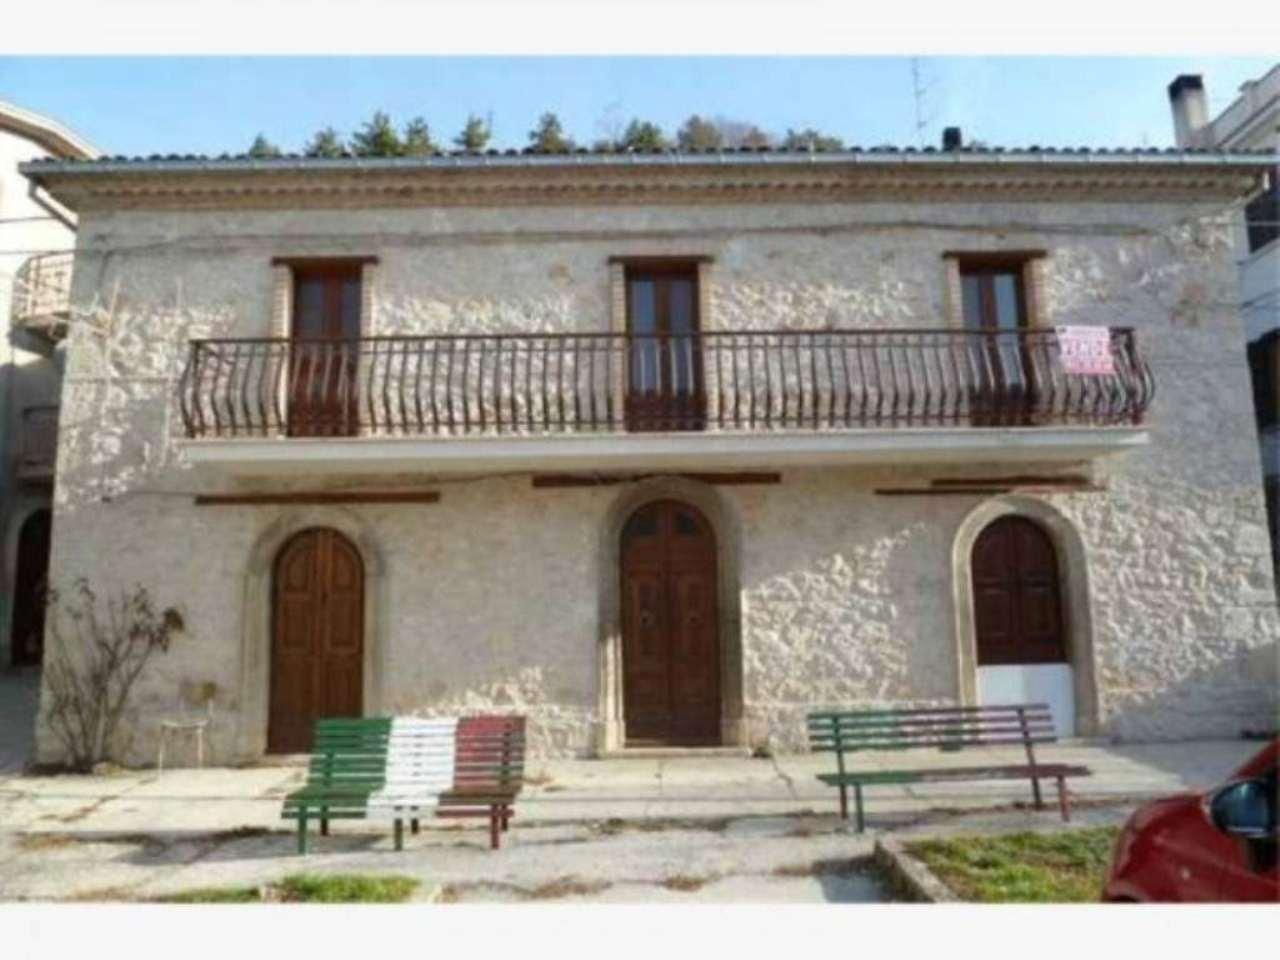 Soluzione Indipendente in vendita a Carsoli, 8 locali, prezzo € 128.000 | Cambio Casa.it